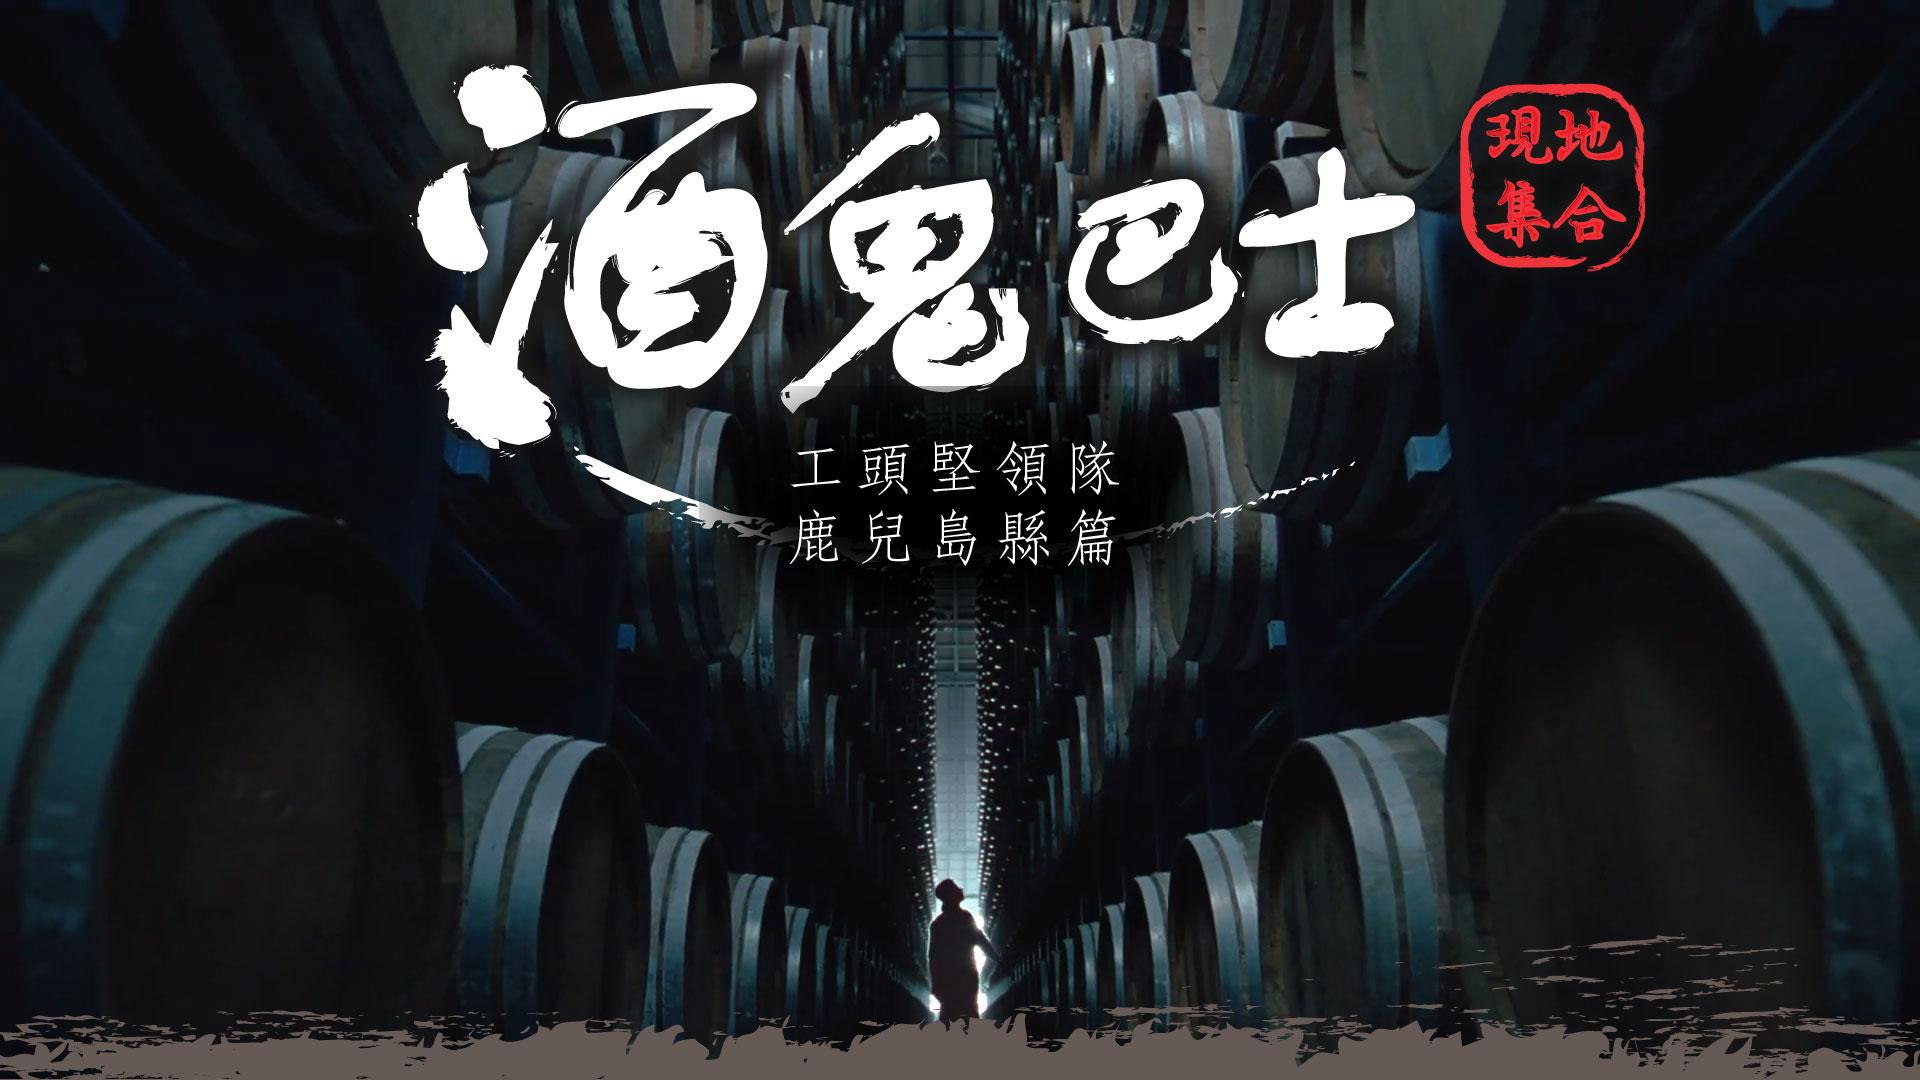 工頭堅主題旅遊四:日本酒廠